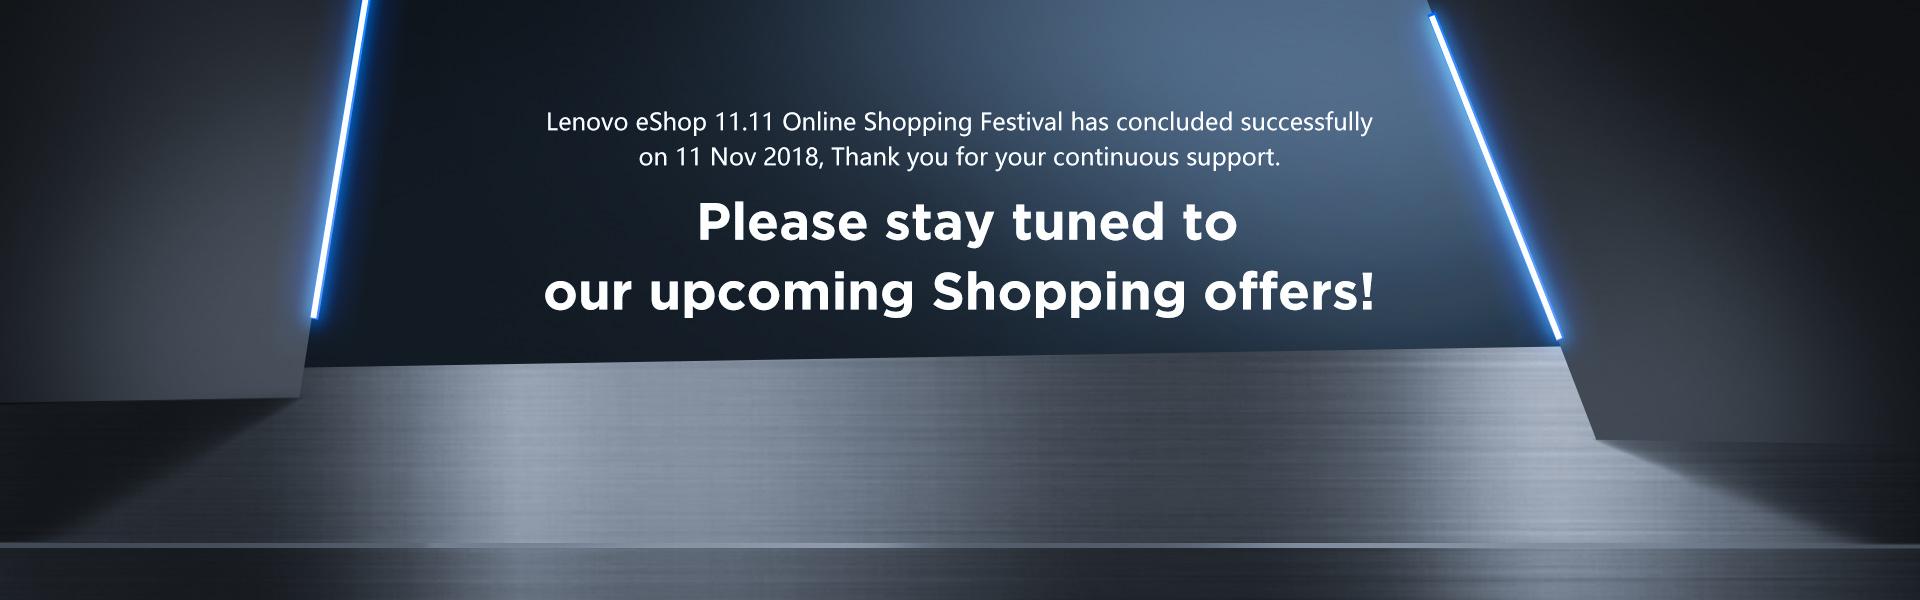 11.11 Online Shopping Festival